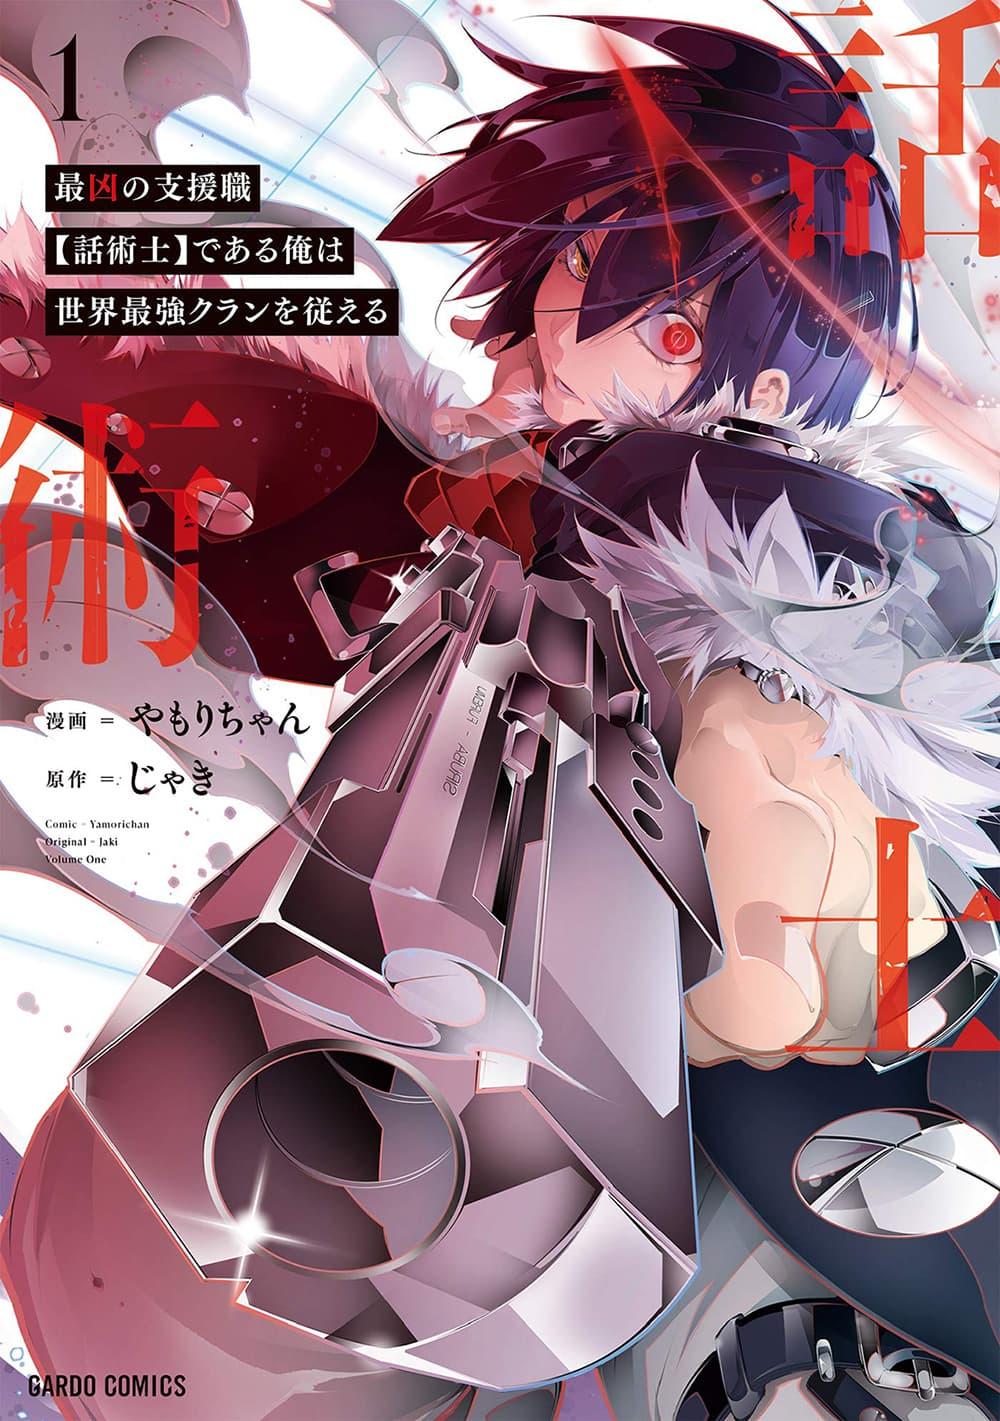 อ่านการ์ตูน Saikyou no Shien-shoku Wajutsushi Dearu Ore wa Sekai Saikyou Kuran o Shitagaeru ตอนที่ 2 หน้าที่ 1